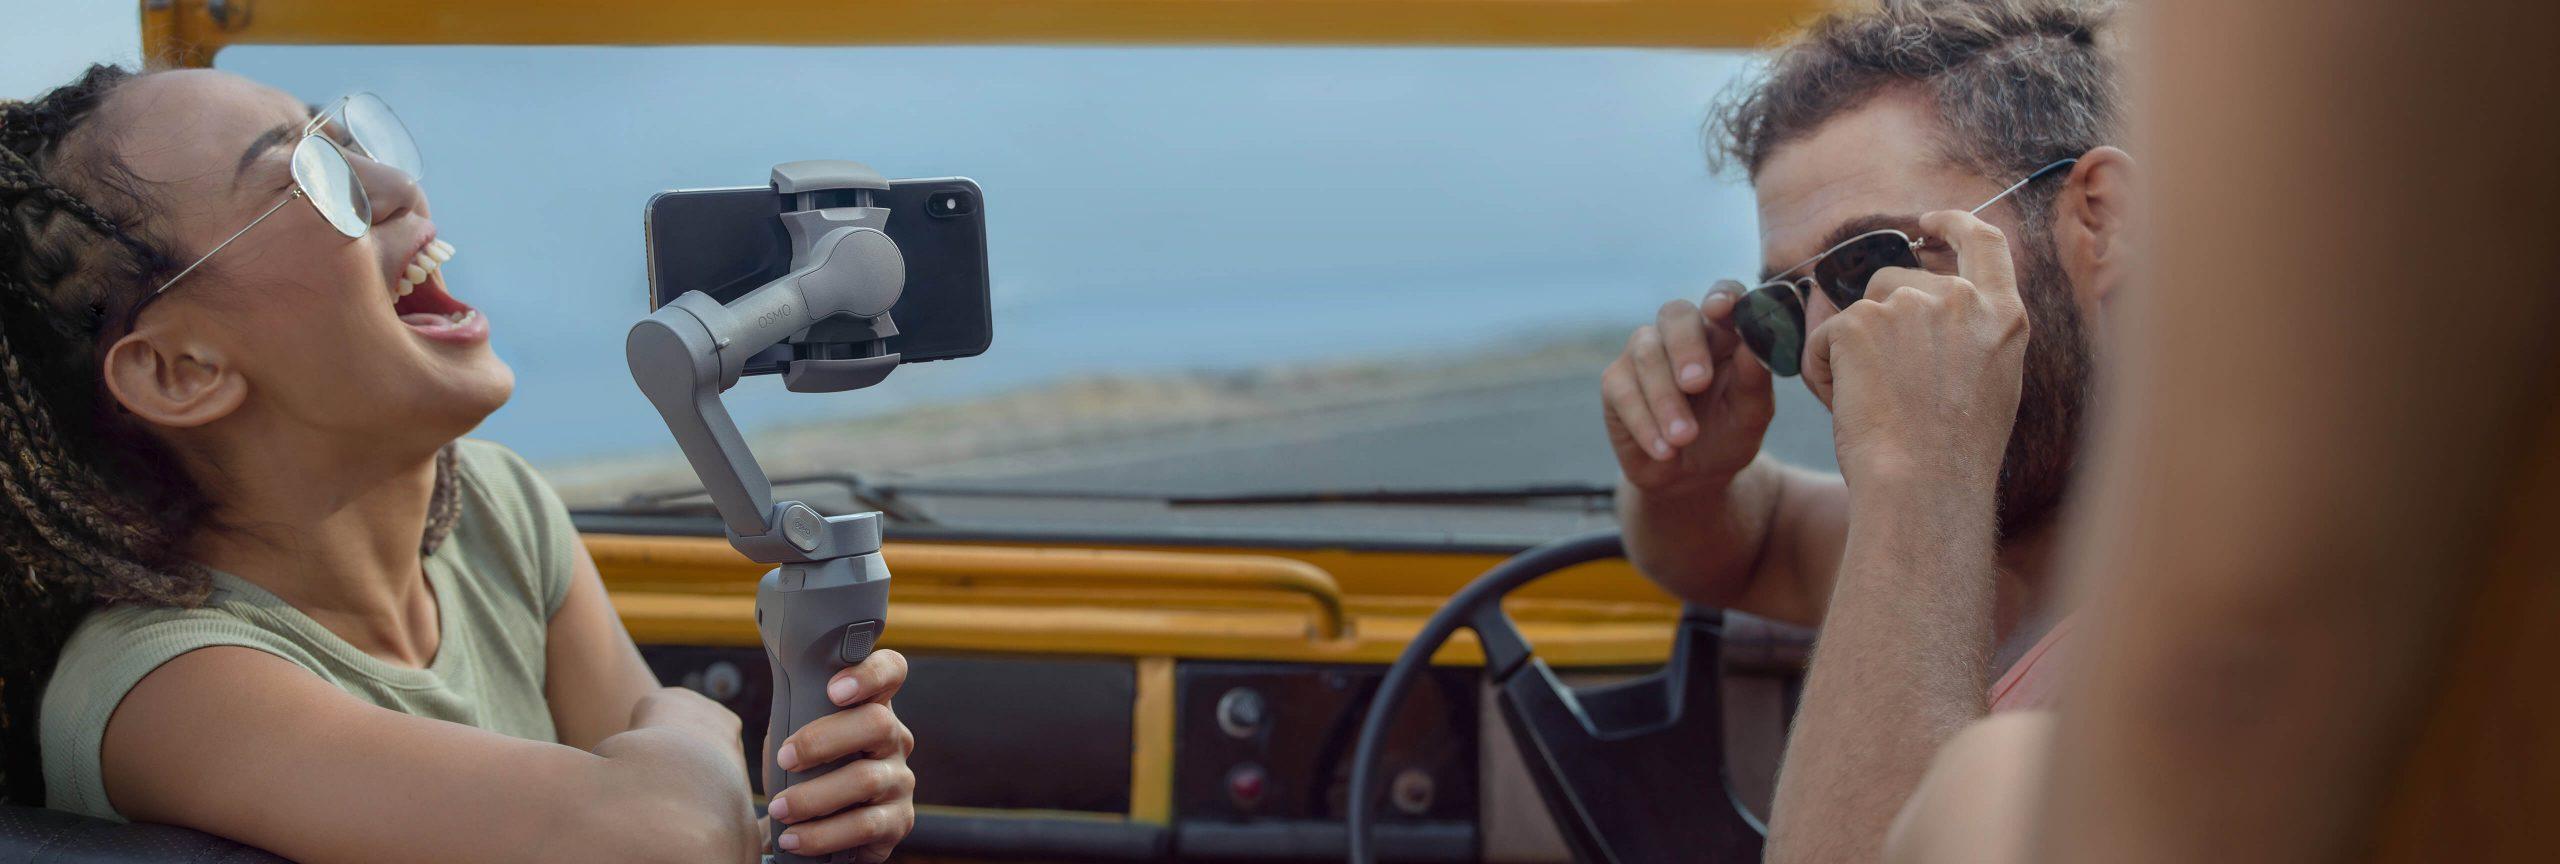 Osmo Mobile 3 quay video ấn tượng với story mode